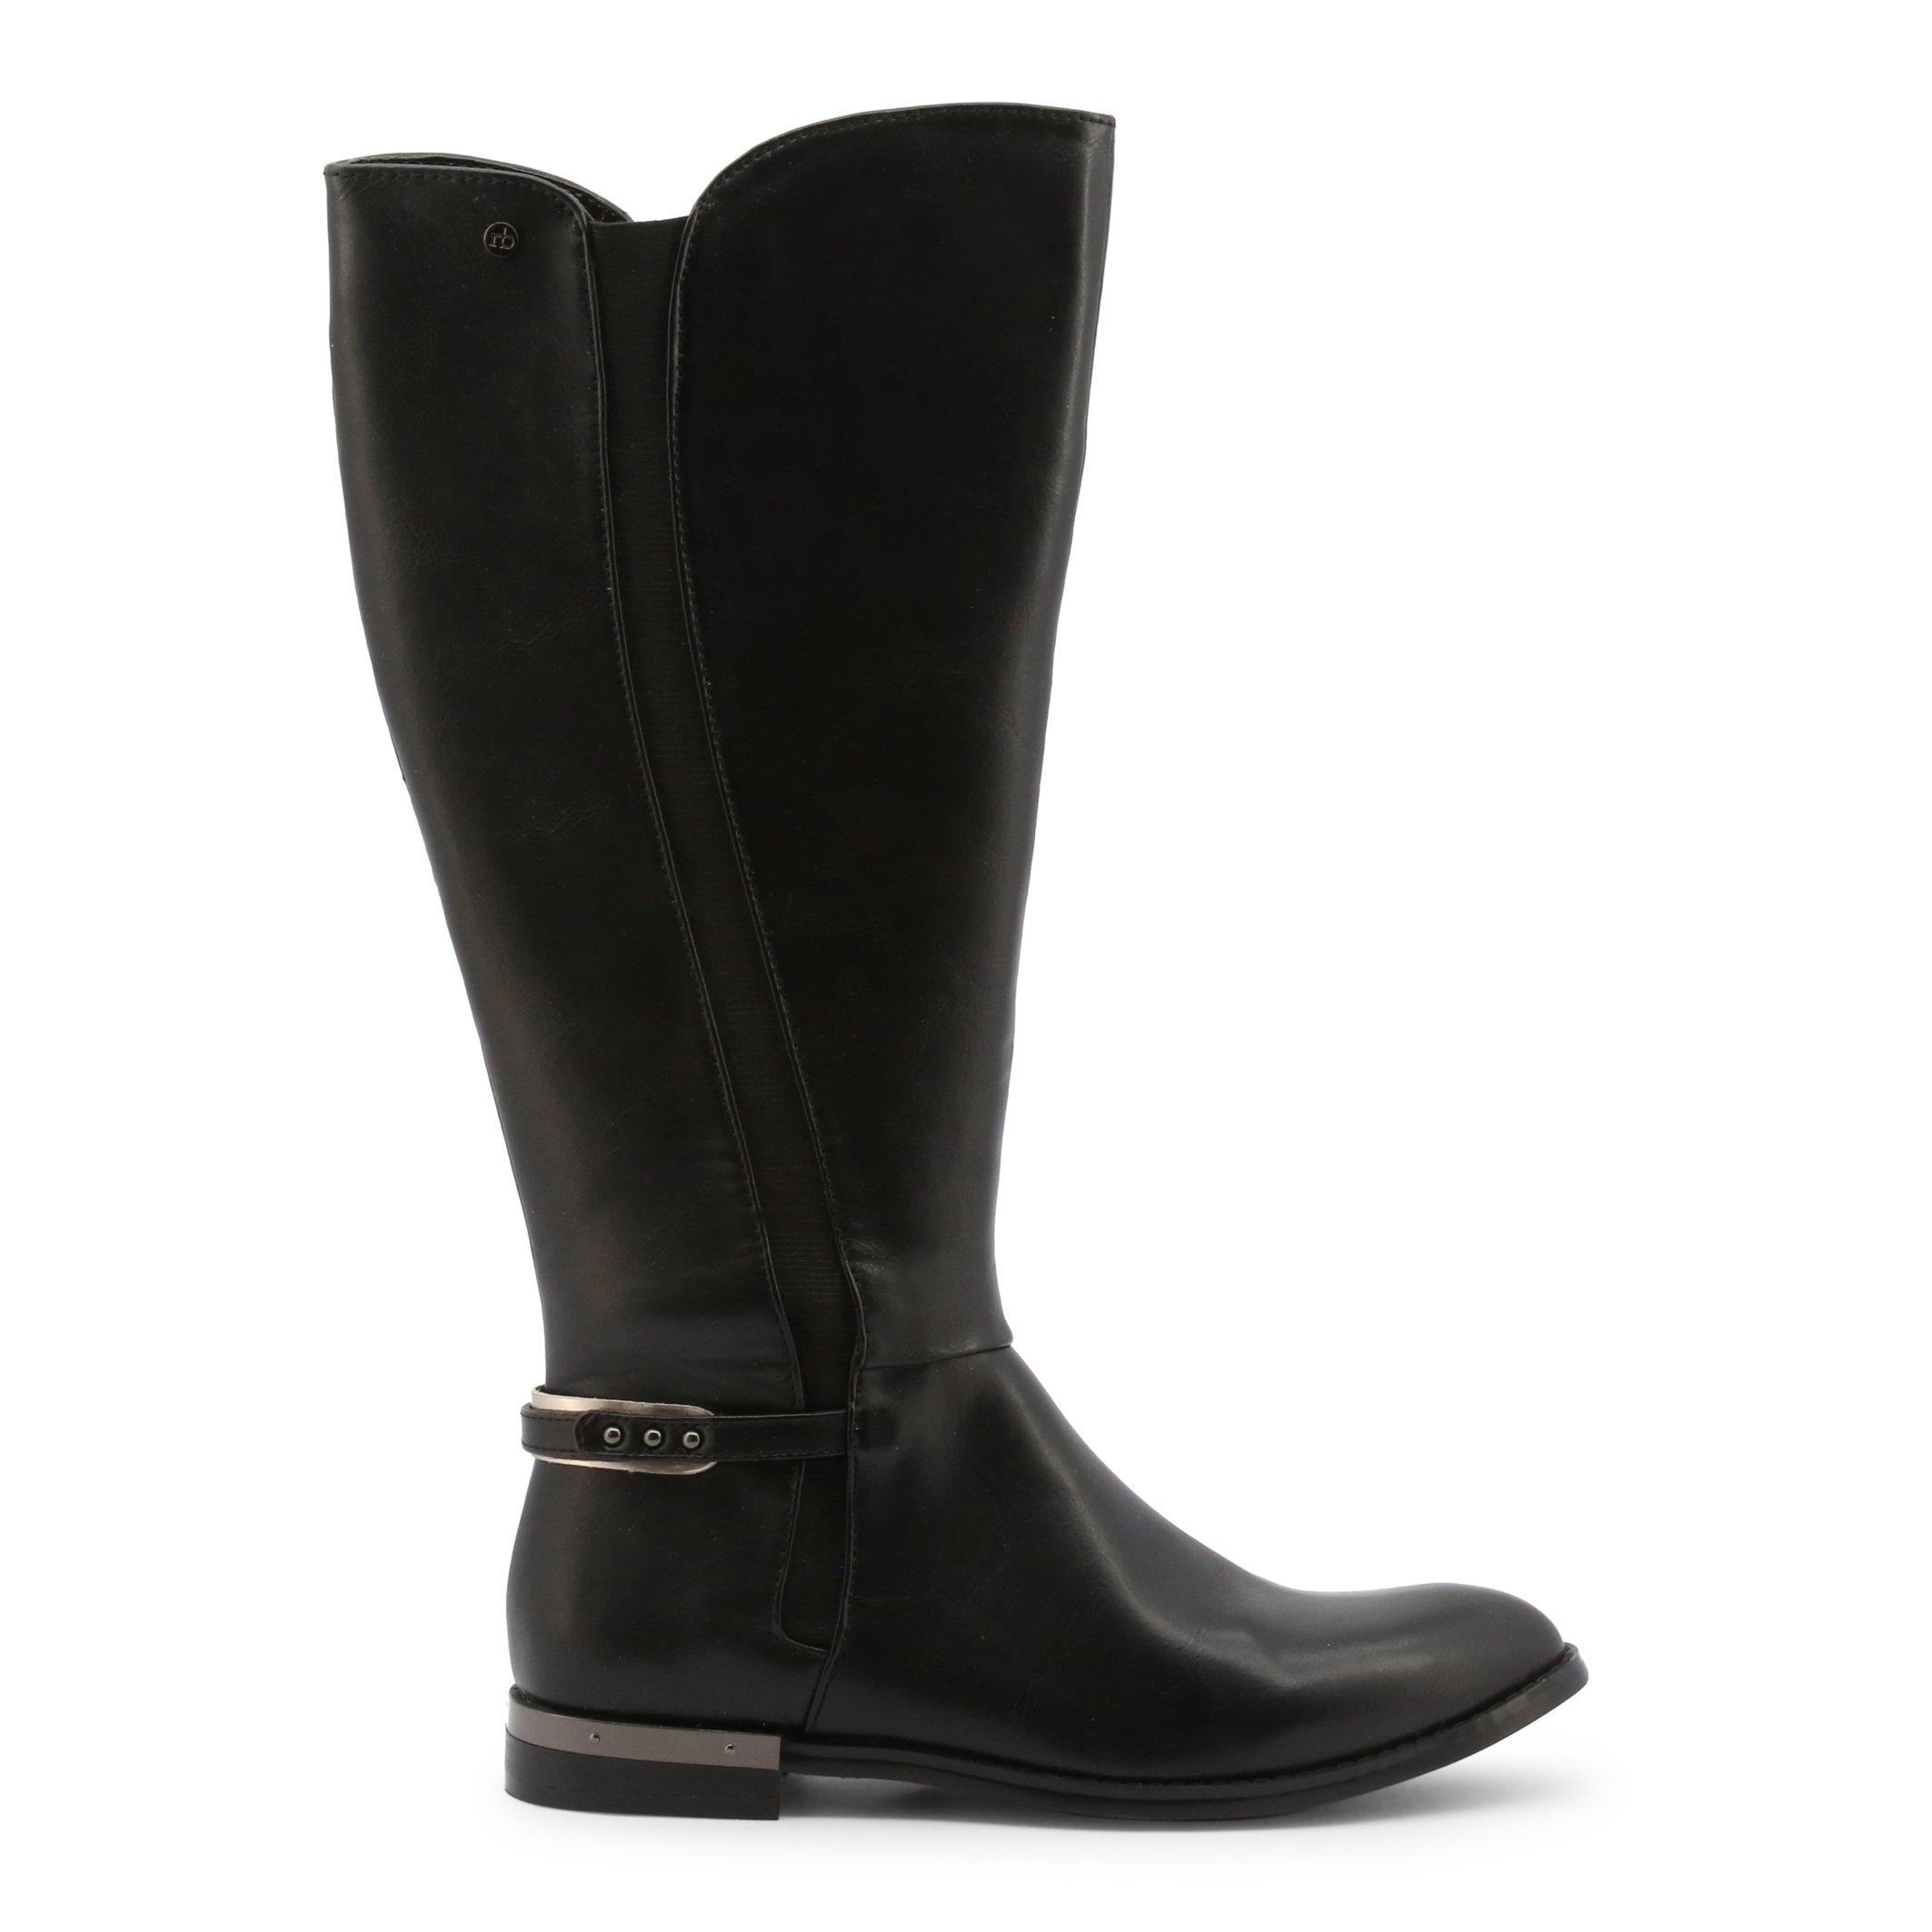 Roccobarocco Women's Boot Black RBSC0U104 - black-1 EU 36